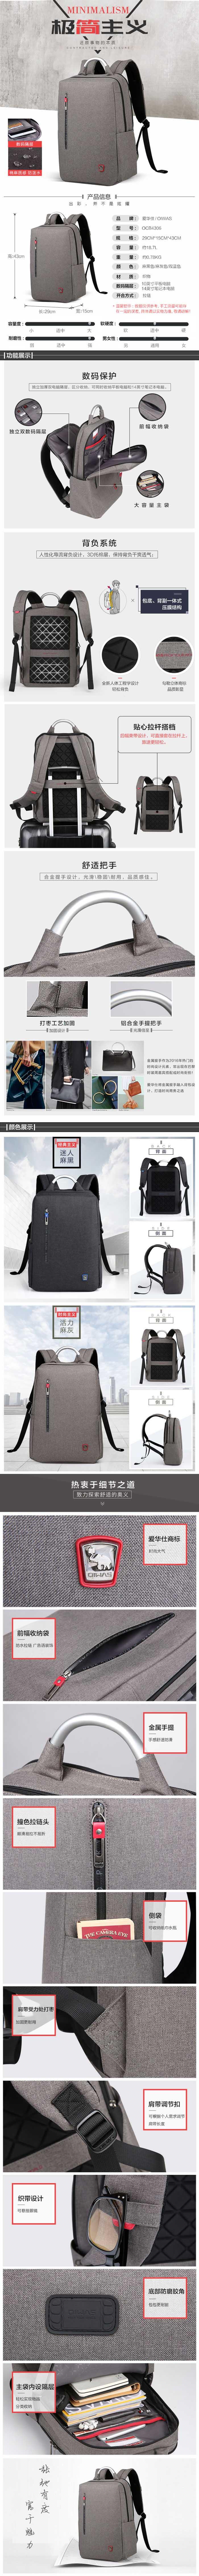 爱华仕OIWAS 14英寸时尚双肩包 OCB4306